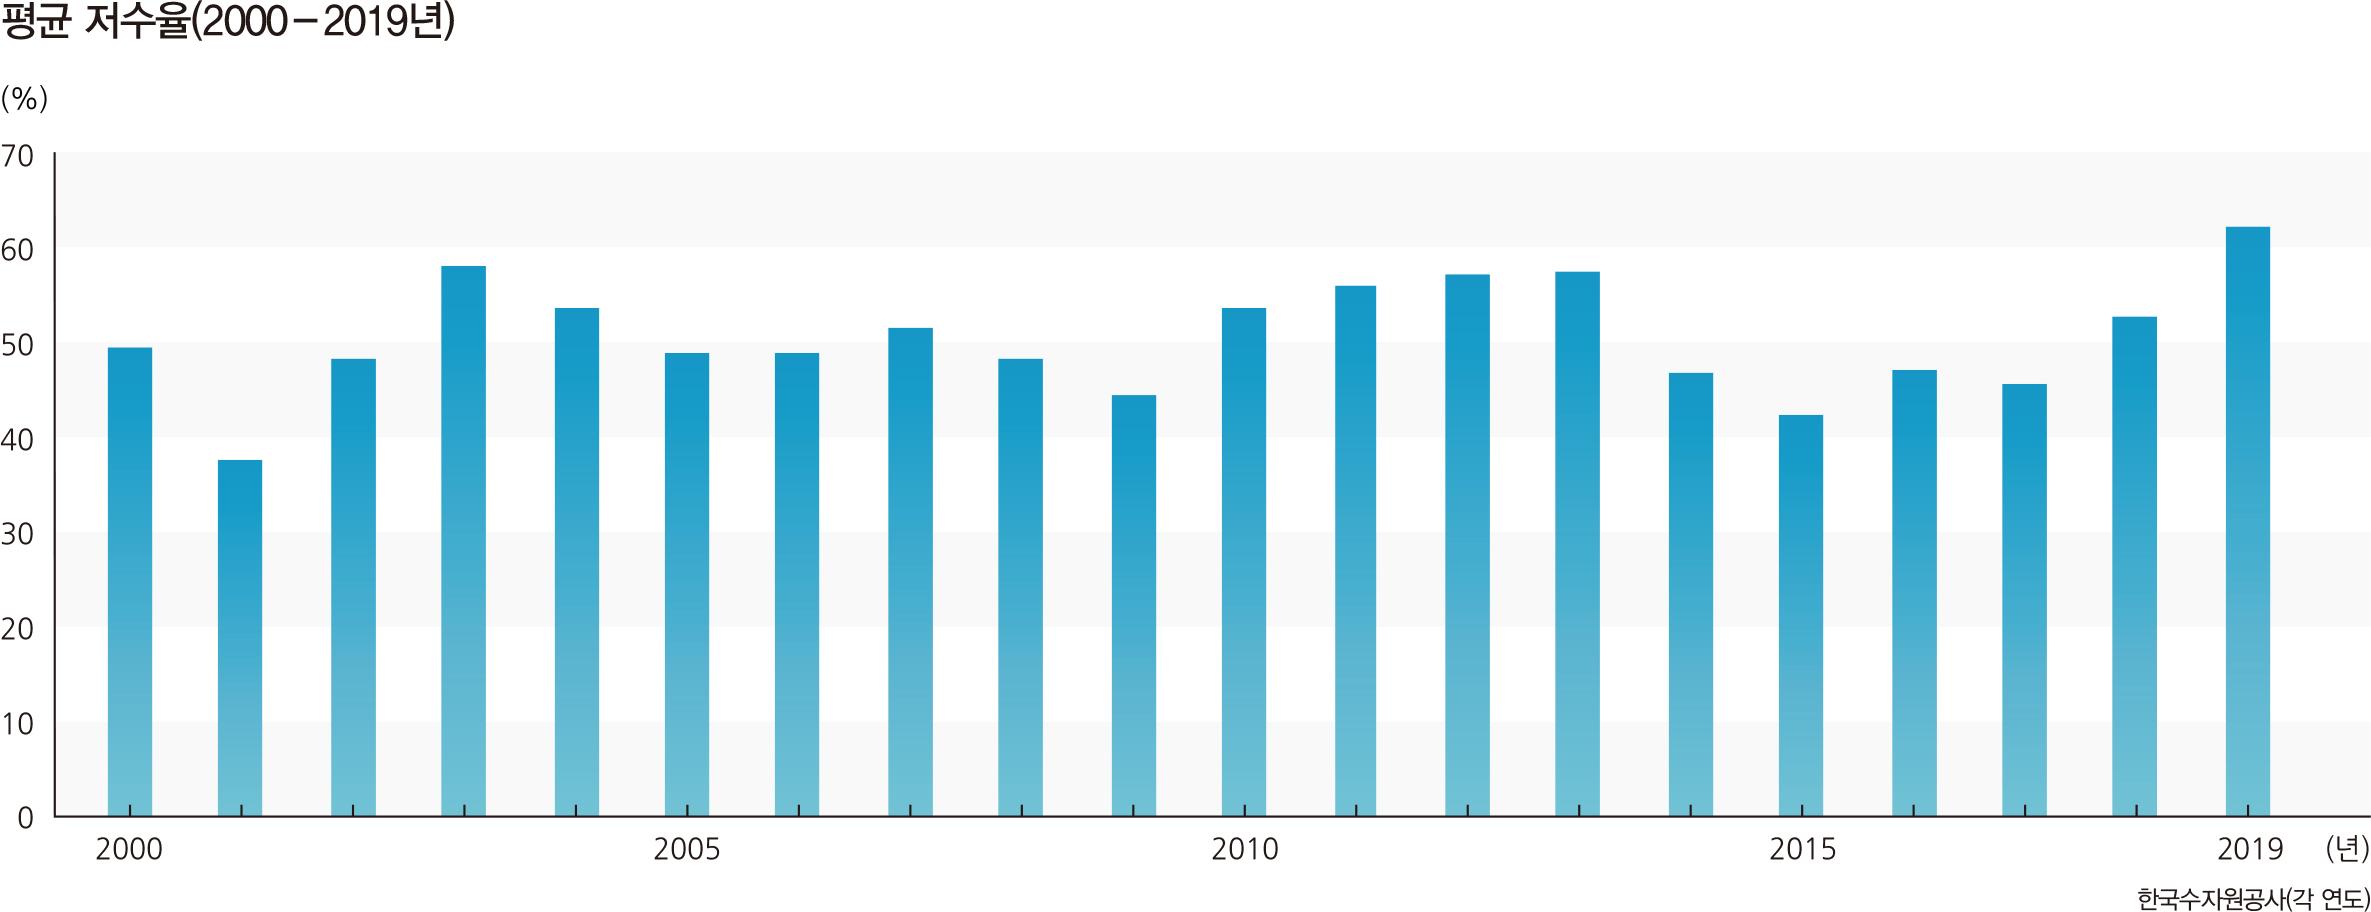 평균 저수율(2000-2019년)